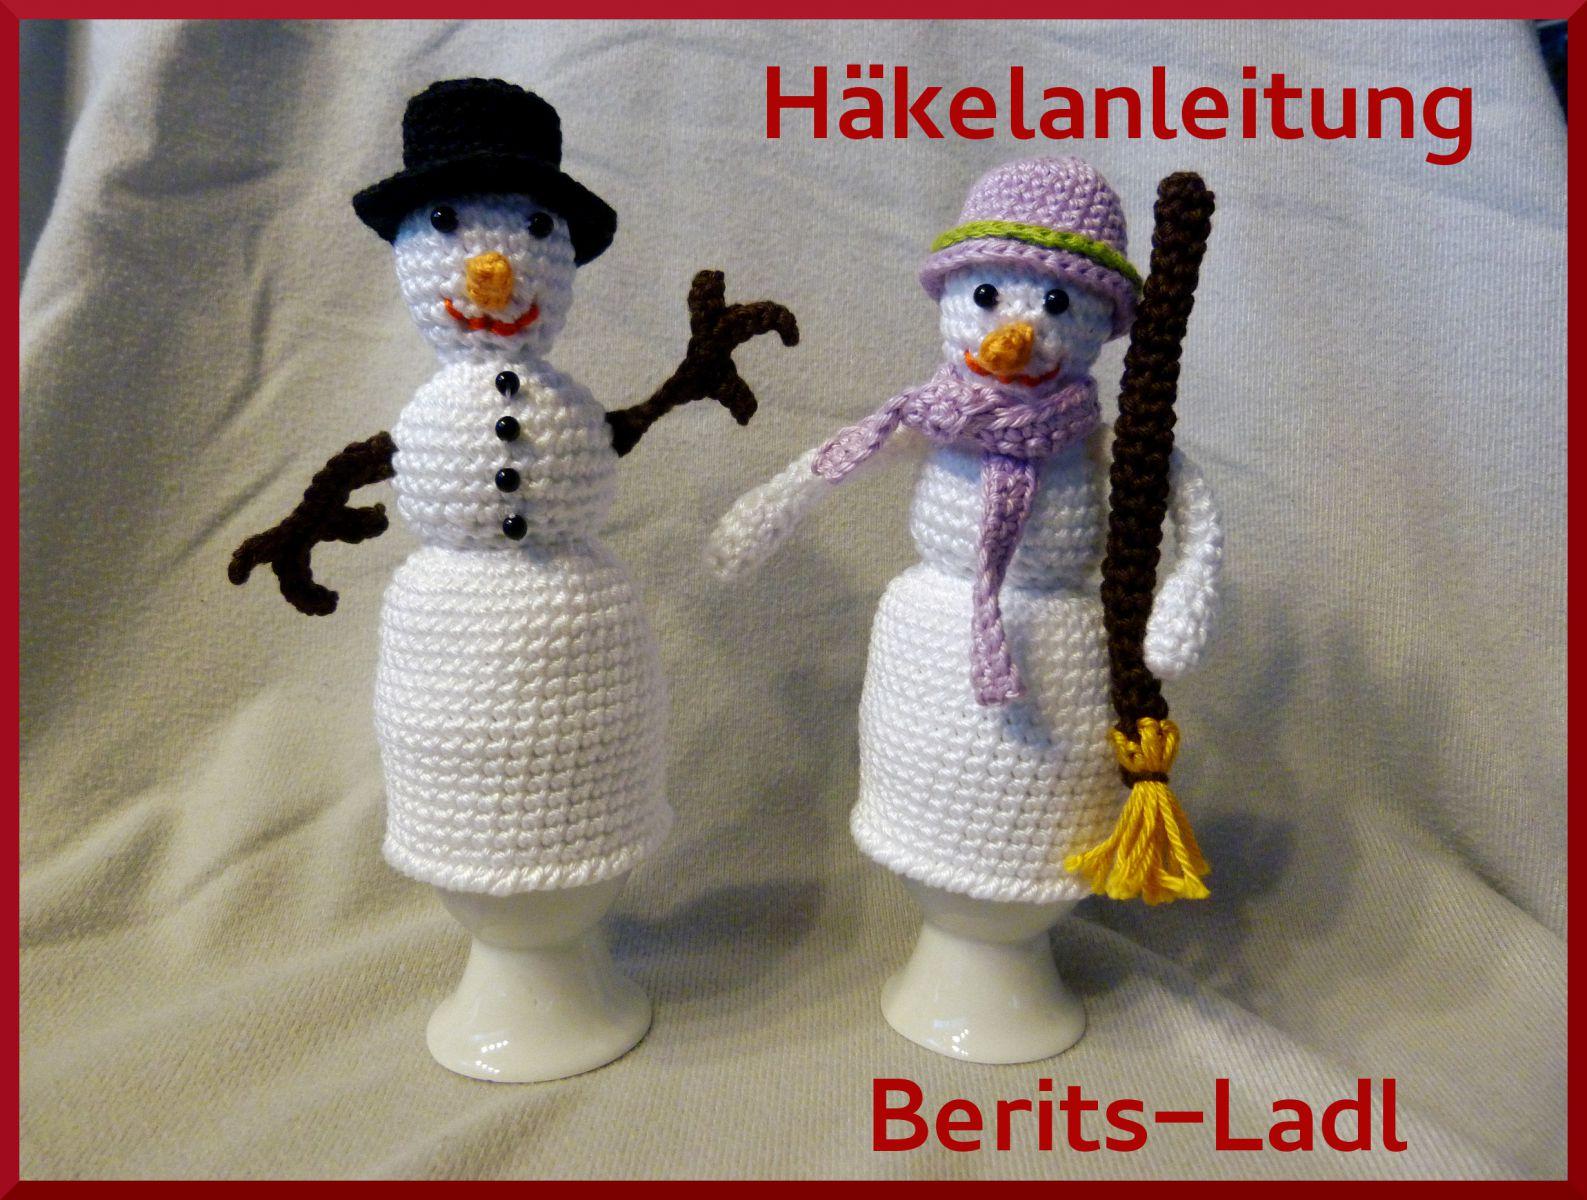 warme Wintersachen: gebt der hartnäckigen Winterkälte keine Chance ...